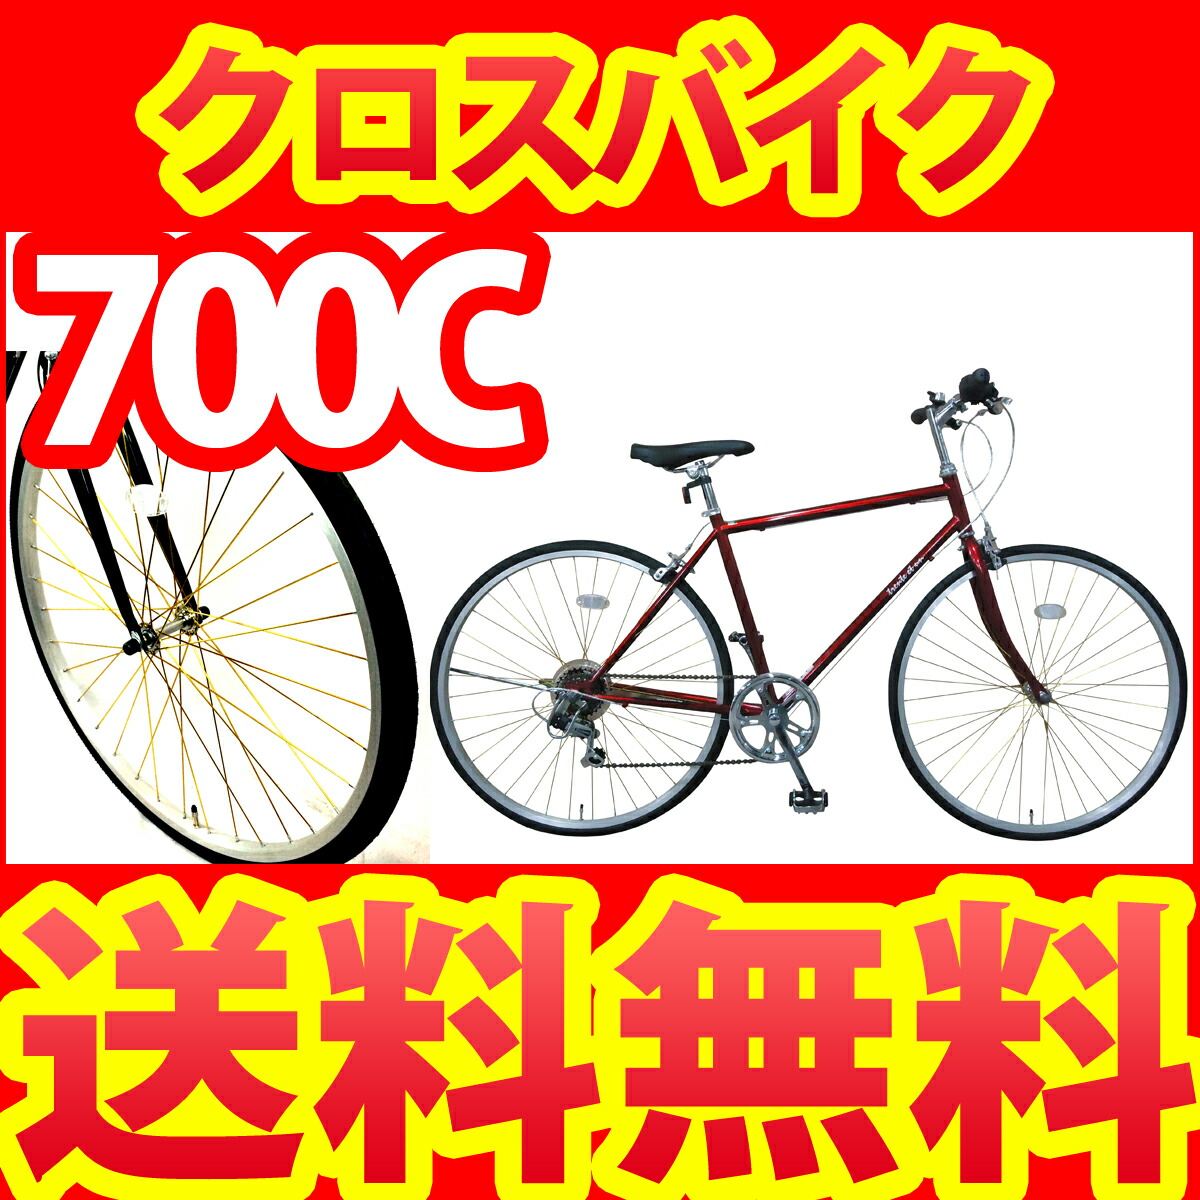 自転車 初心者におすすめのクロスバイク SUNTRUST サントラスト クロスバイク レッド/赤色 700c クロスバイク ゴールドスポーク シマノ外装6段ギア ゴールドスポークが印象に残る700cクロスバイク 自転車